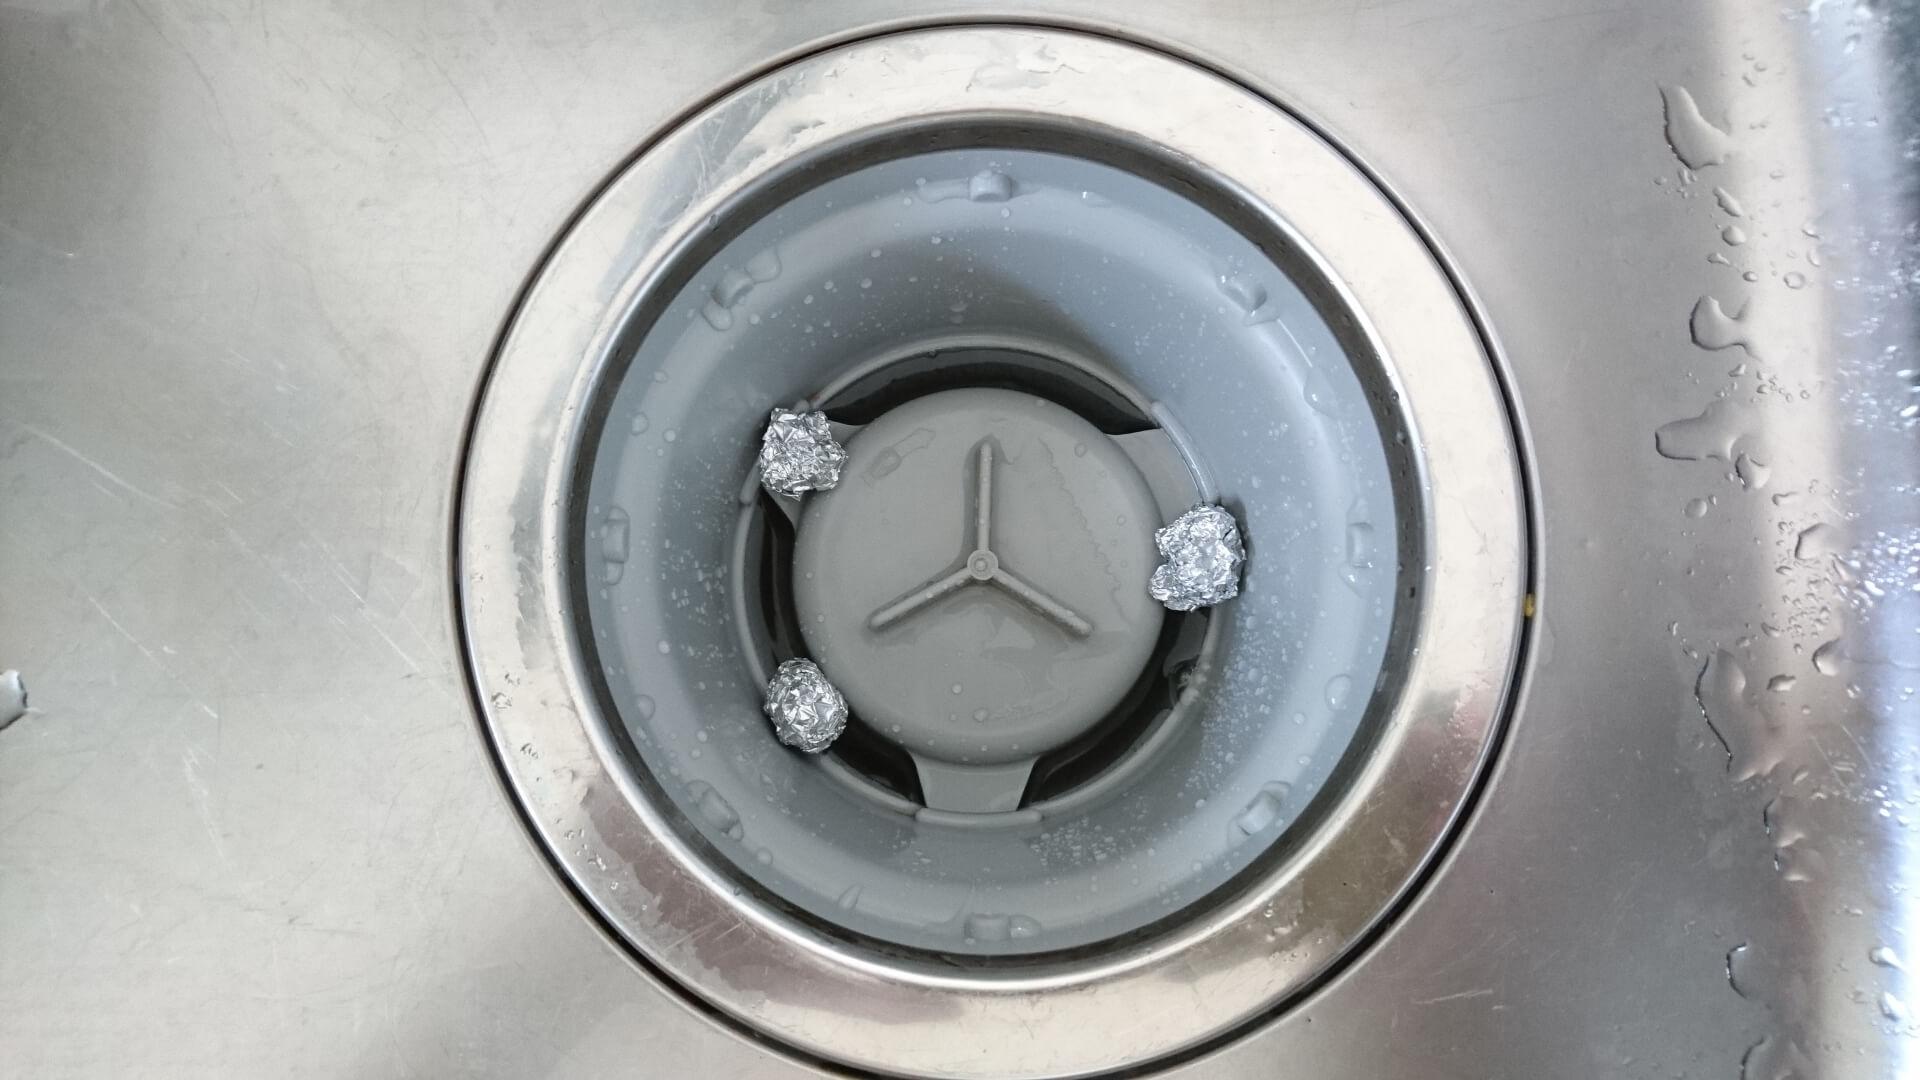 丸めたアルミホイルをいくつか置いておくことで汚れを防ぐ